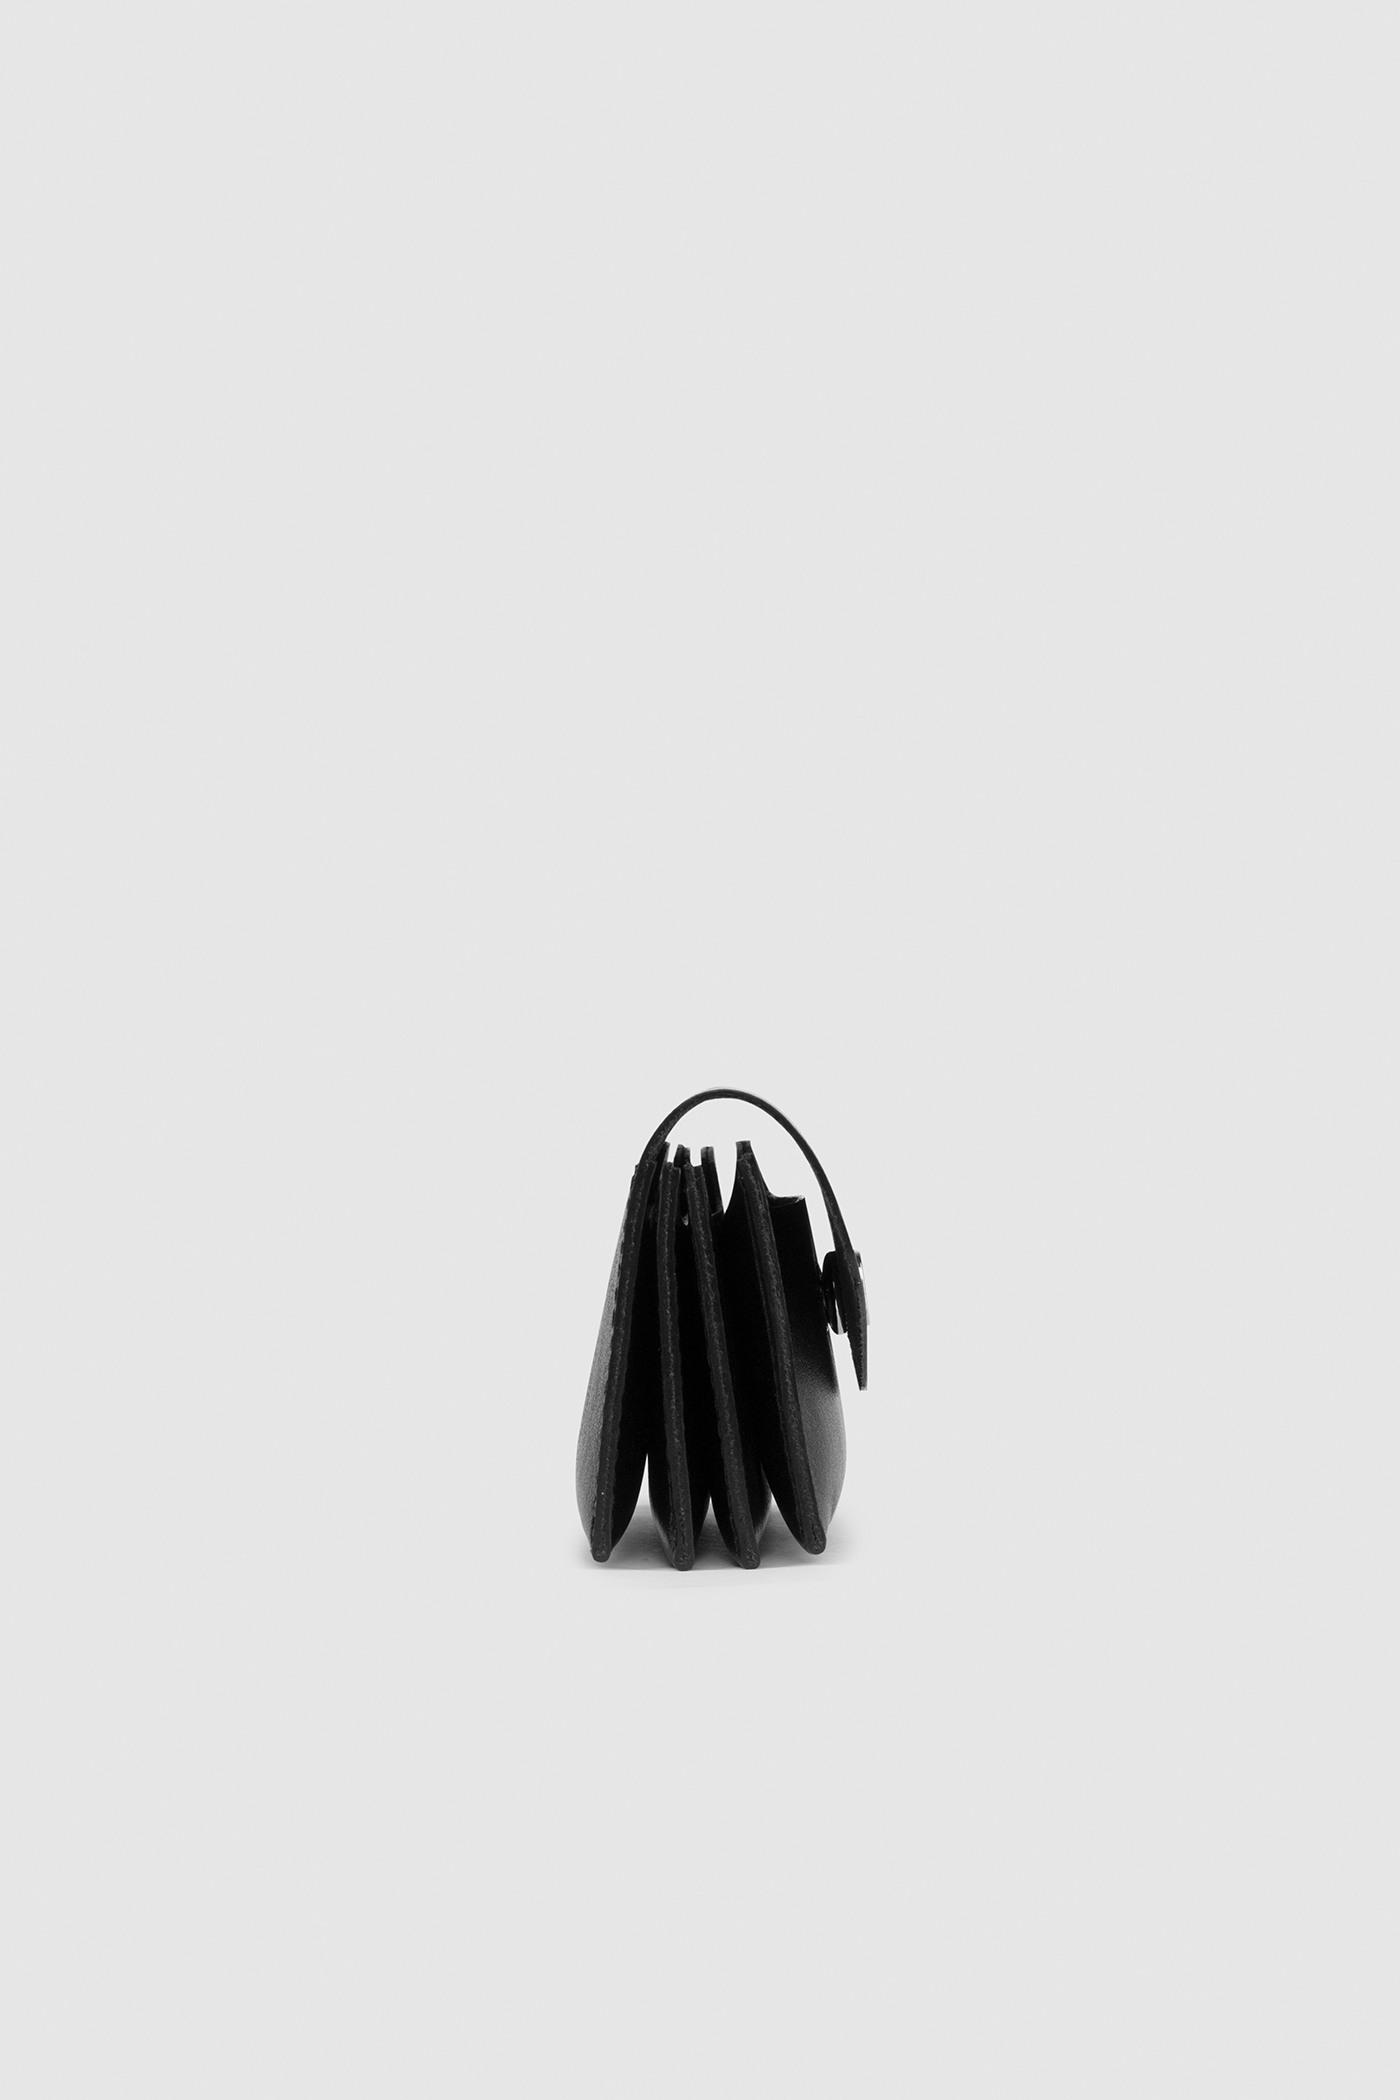 ВизитницаКомпактная кожаная визитница с откидным клапаном на кнопке.&#13;<br>&#13;<br>&#13;<br>4 вместительных отделения&#13;<br>&#13;<br>На задней стенке печать серебром Asya Malbershtein&#13;<br>&#13;<br>Размеры: 11х7х3,5 см<br><br>Цвет: Черный